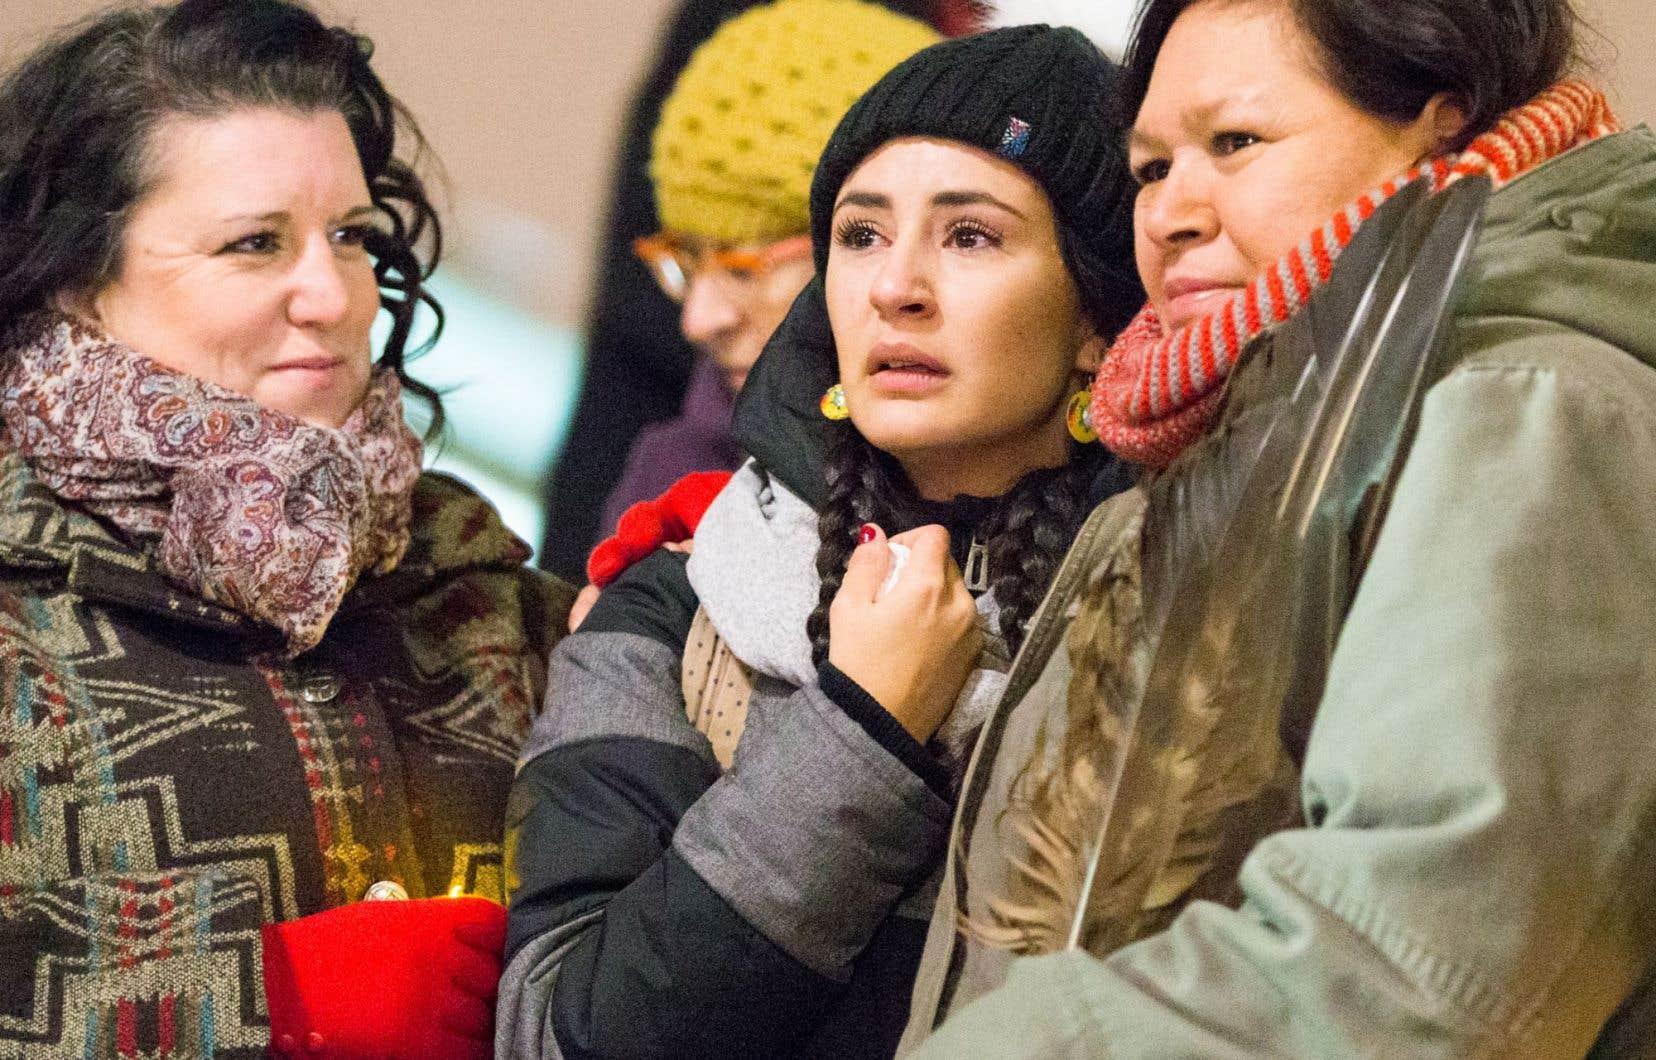 Quelques centaines de personnes, dont la militante Maïtée Labrecque-Saganash, se sont déplacées pour soutenir les femmes autochtones mardi soir lors d'une vigile organisée à la Place des Arts de Montréal.